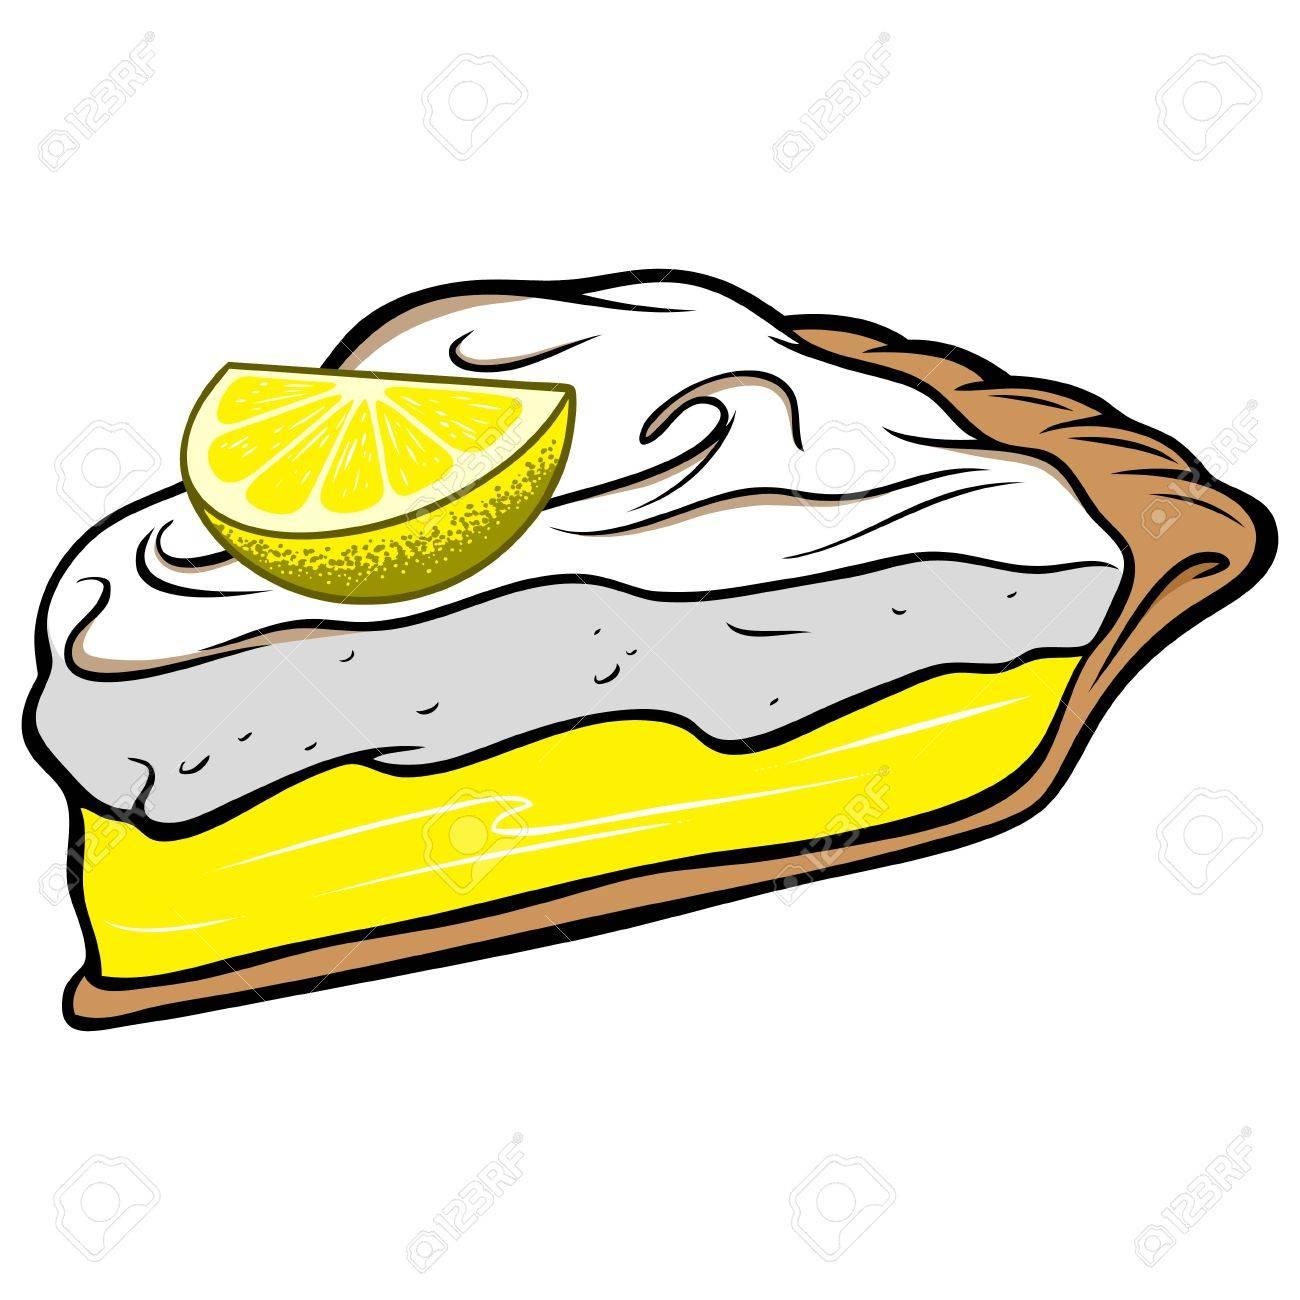 Lemon Meringue Pie - 57677935